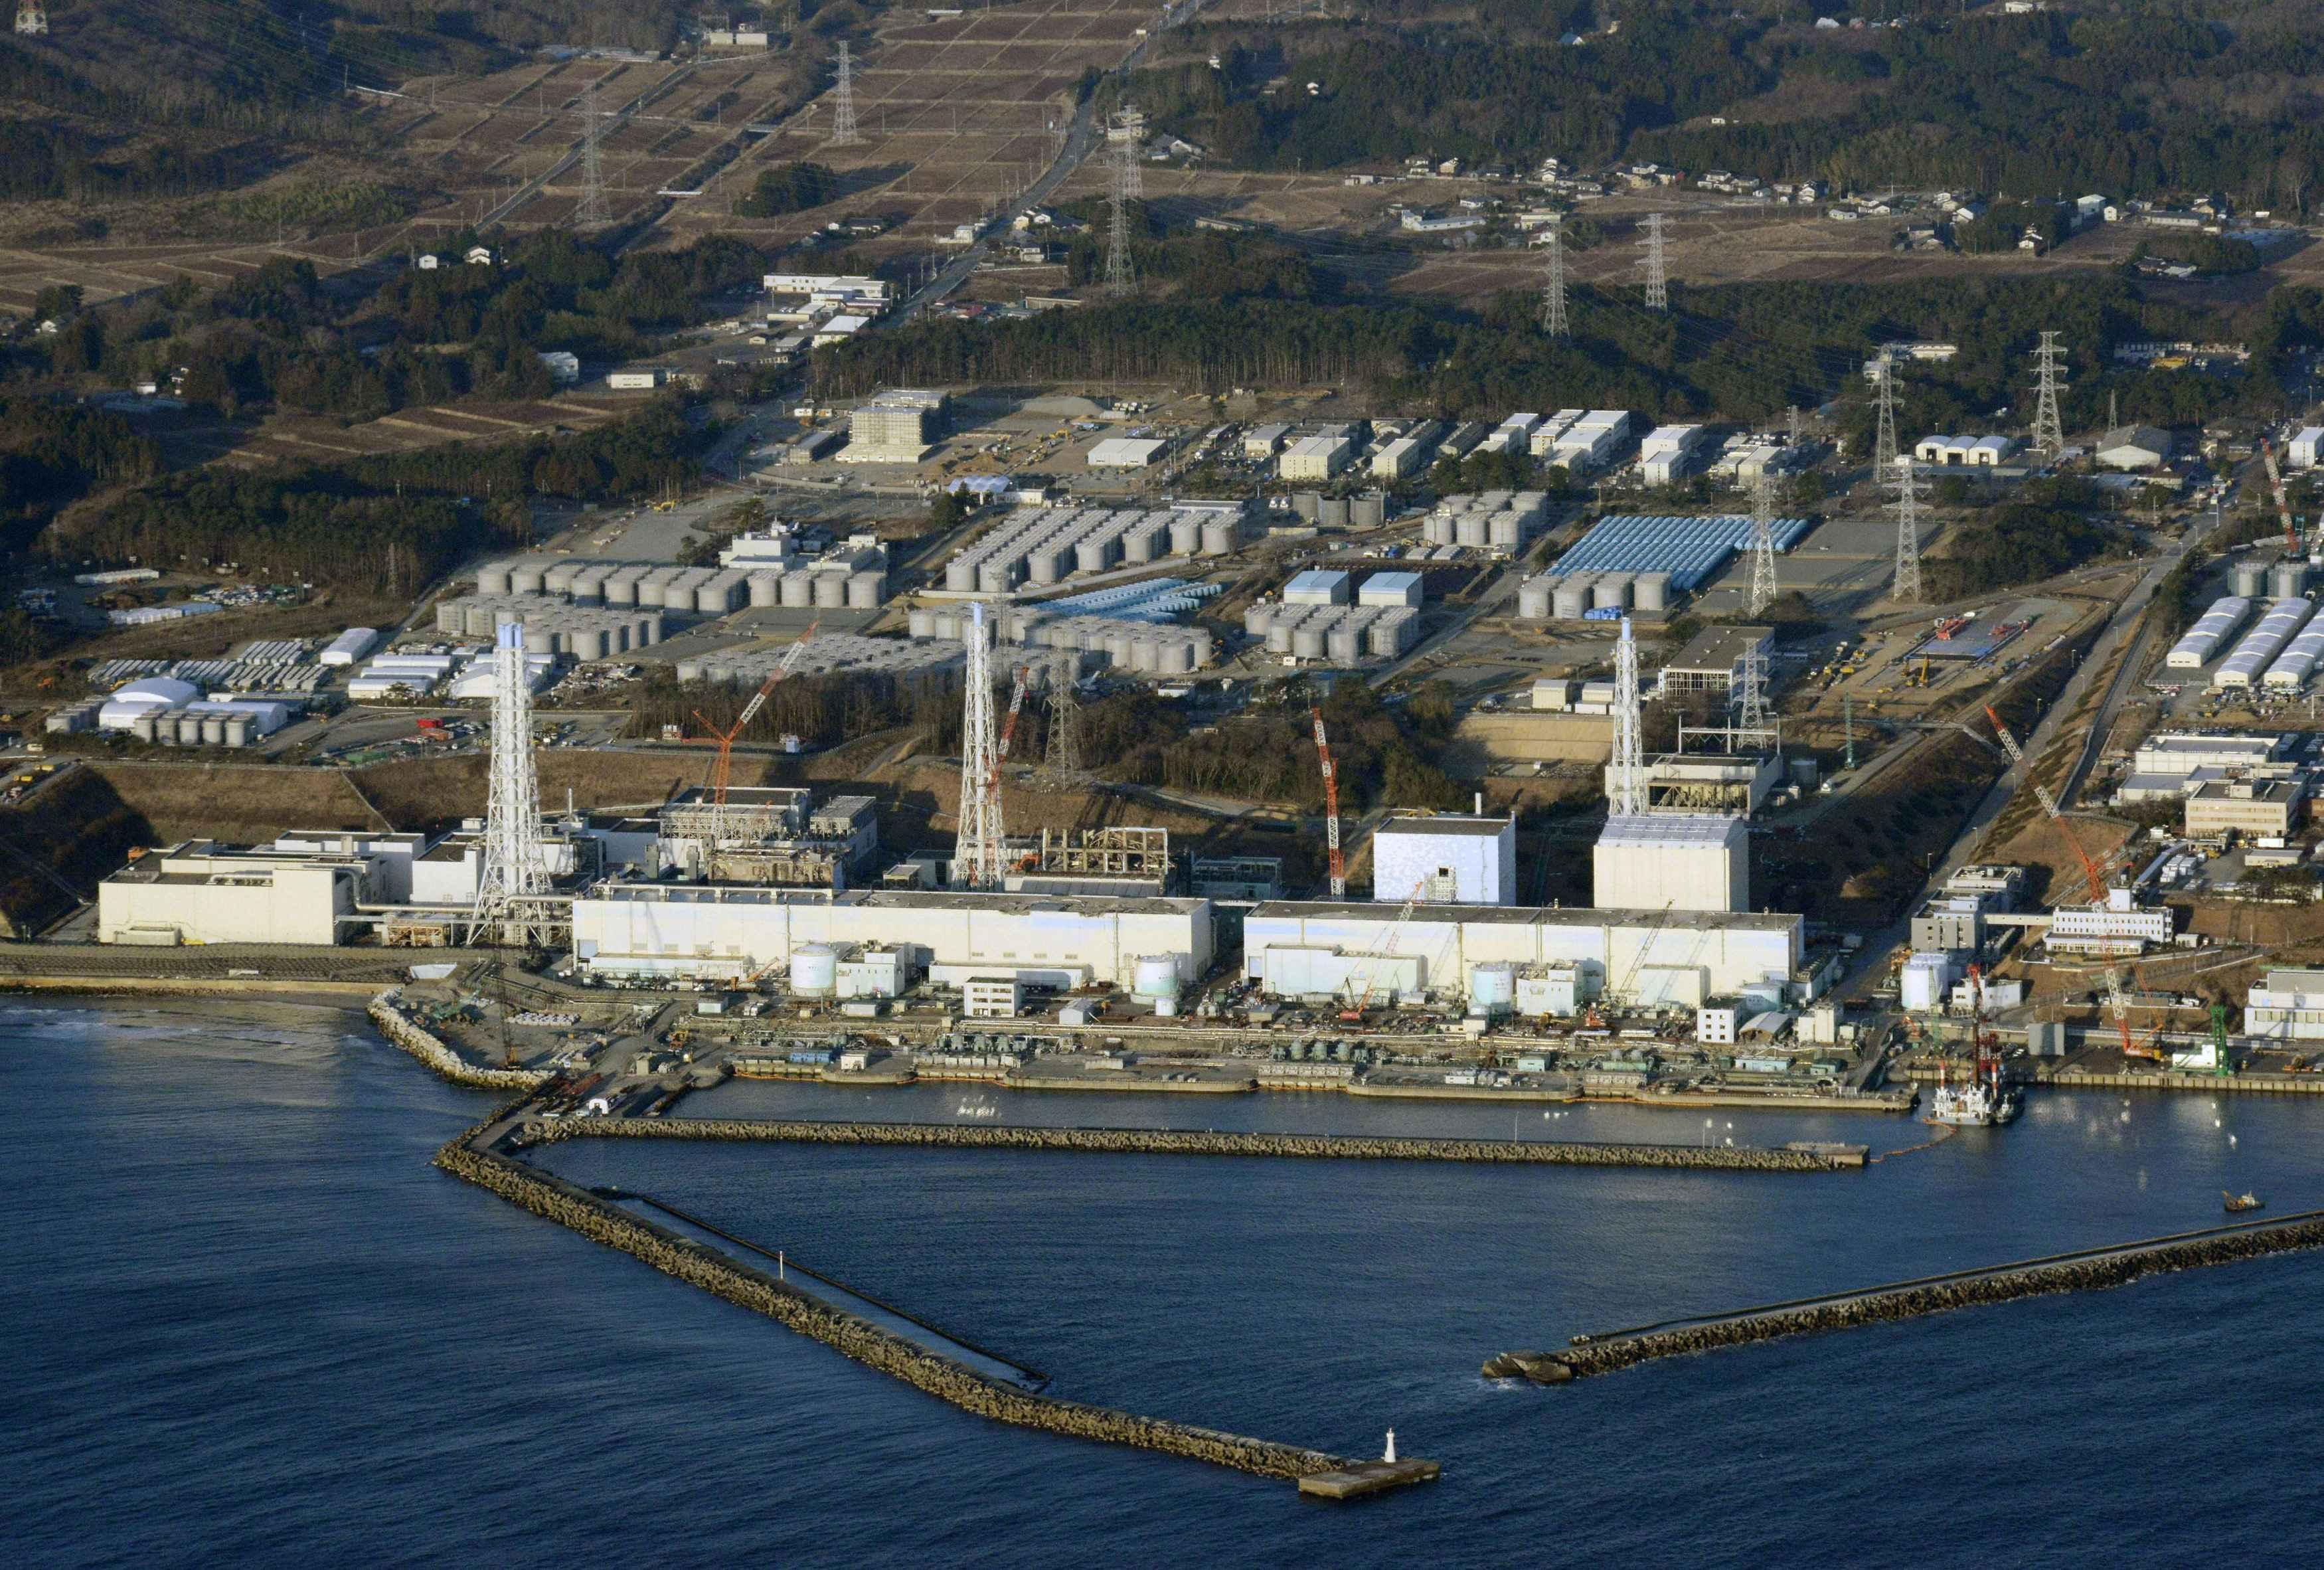 Οργή για την Ιαπωνία: Θα πετάξει μολυσμένο νερό από τη Φουκουσίμα στη θάλασσα